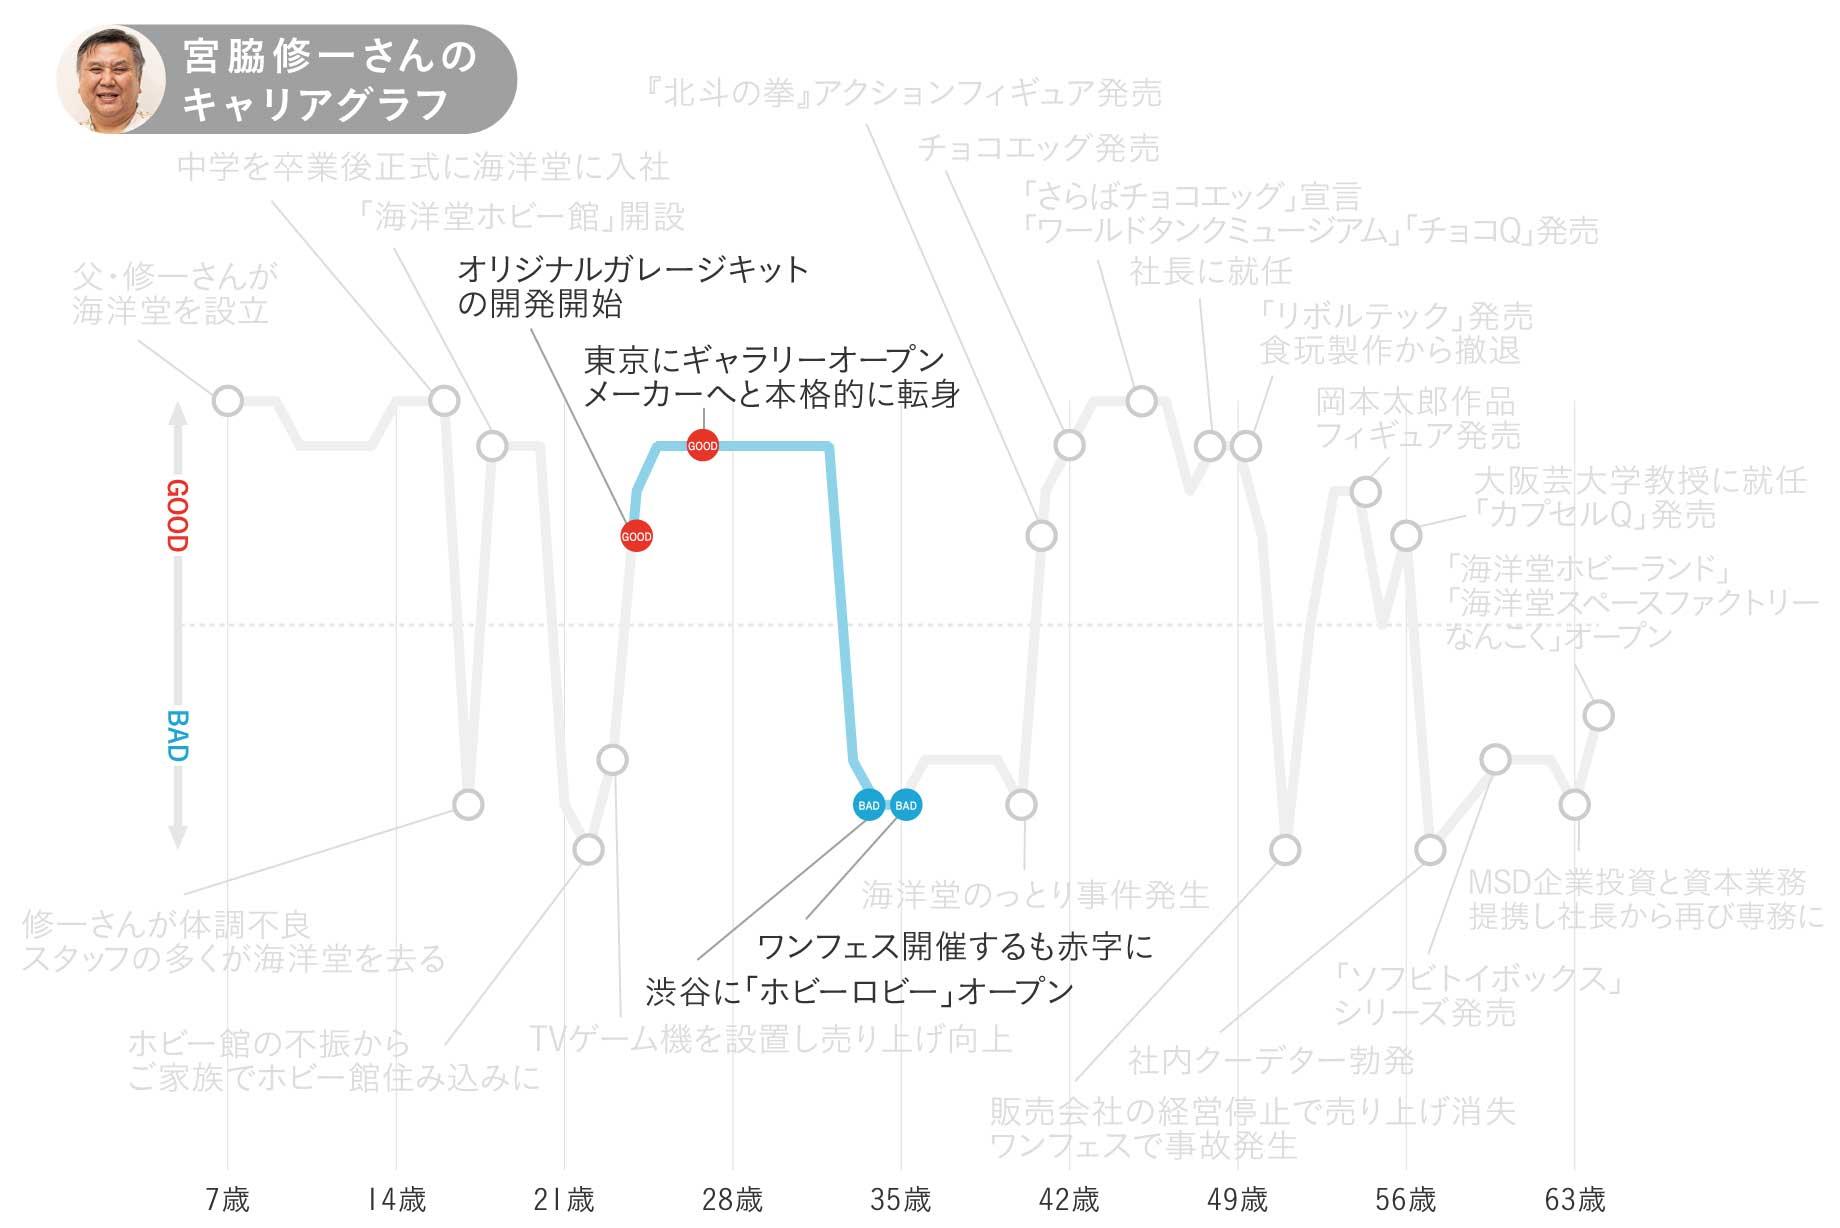 海洋堂・宮脇修一さんのキャリアグラフ2